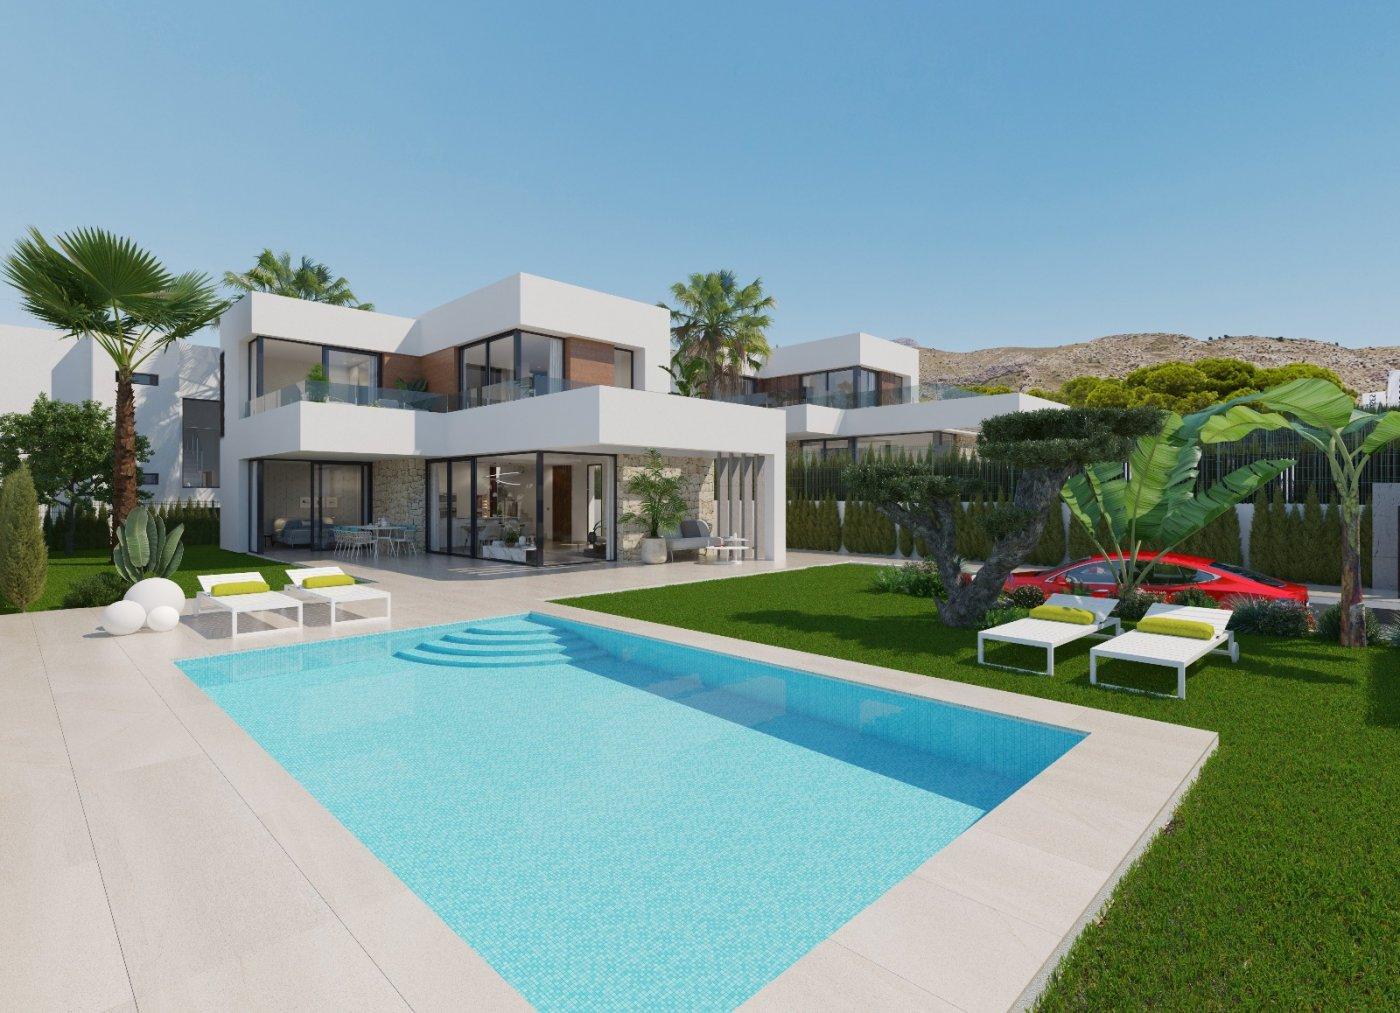 Villas de obra nueva modernas con vistas al mar en sierra cortina - imagenInmueble6